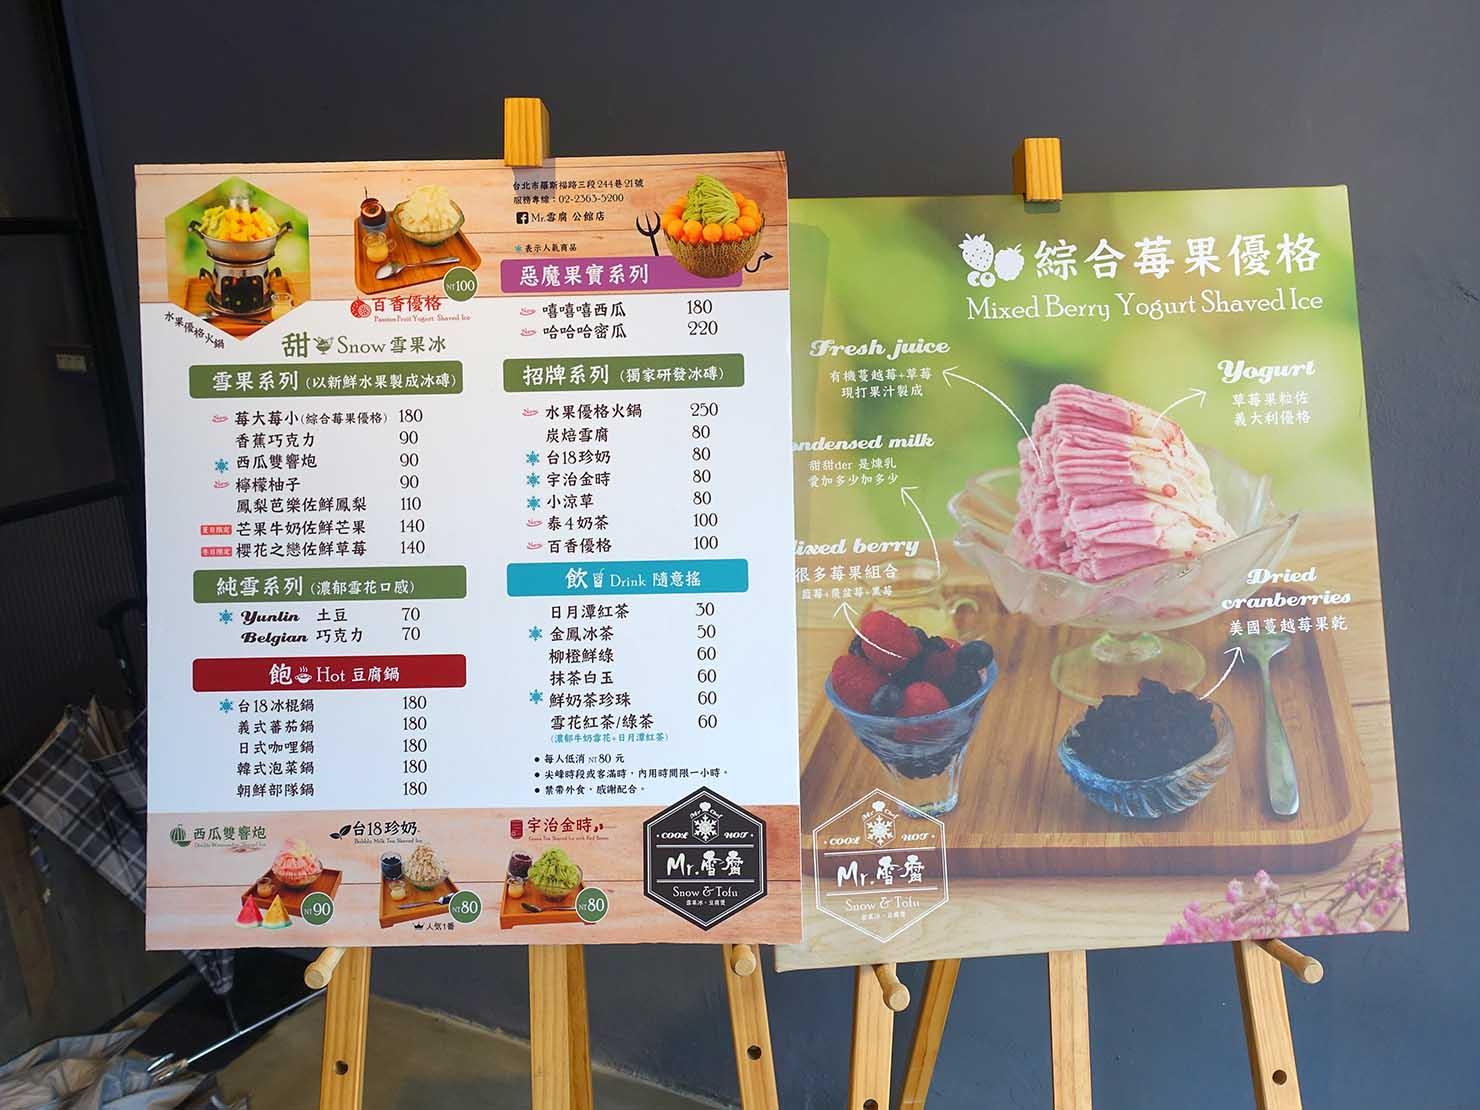 台北・公館にある美味しいマンゴーかき氷店「Mr.學腐」のメニュー